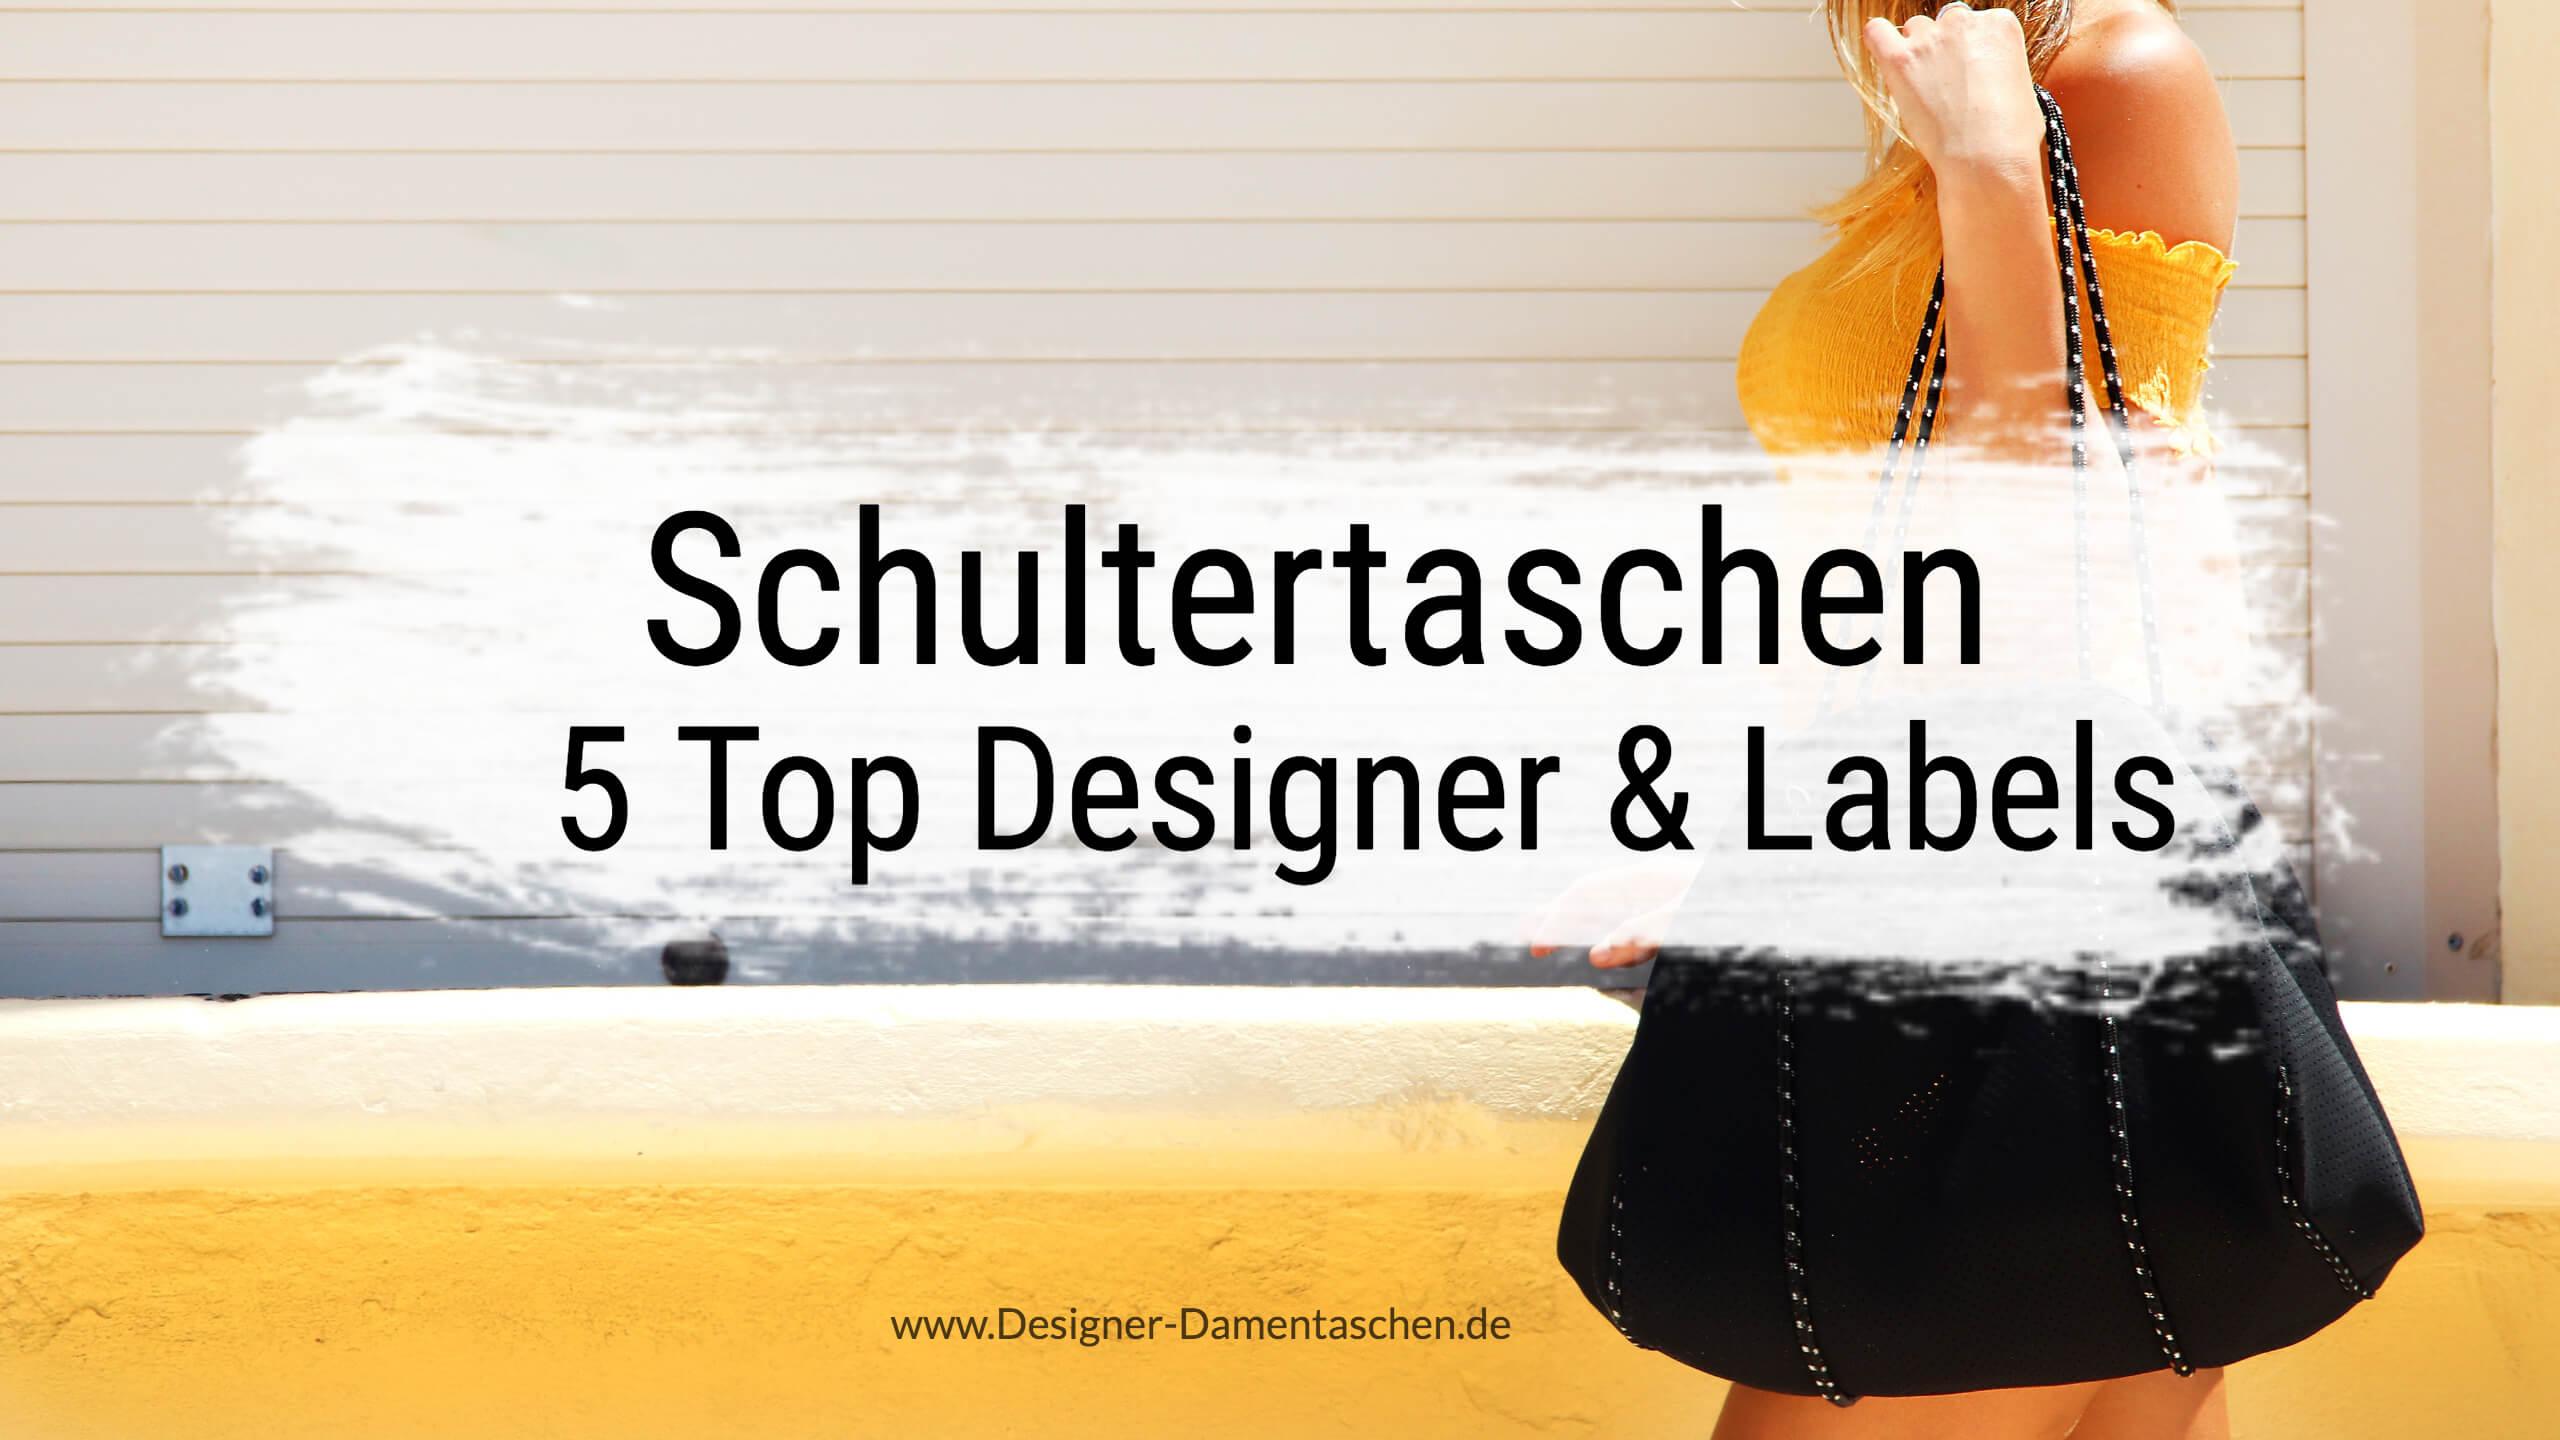 e2c0a7bdb6213d Schultertaschen der 5 Top Designer   Labels